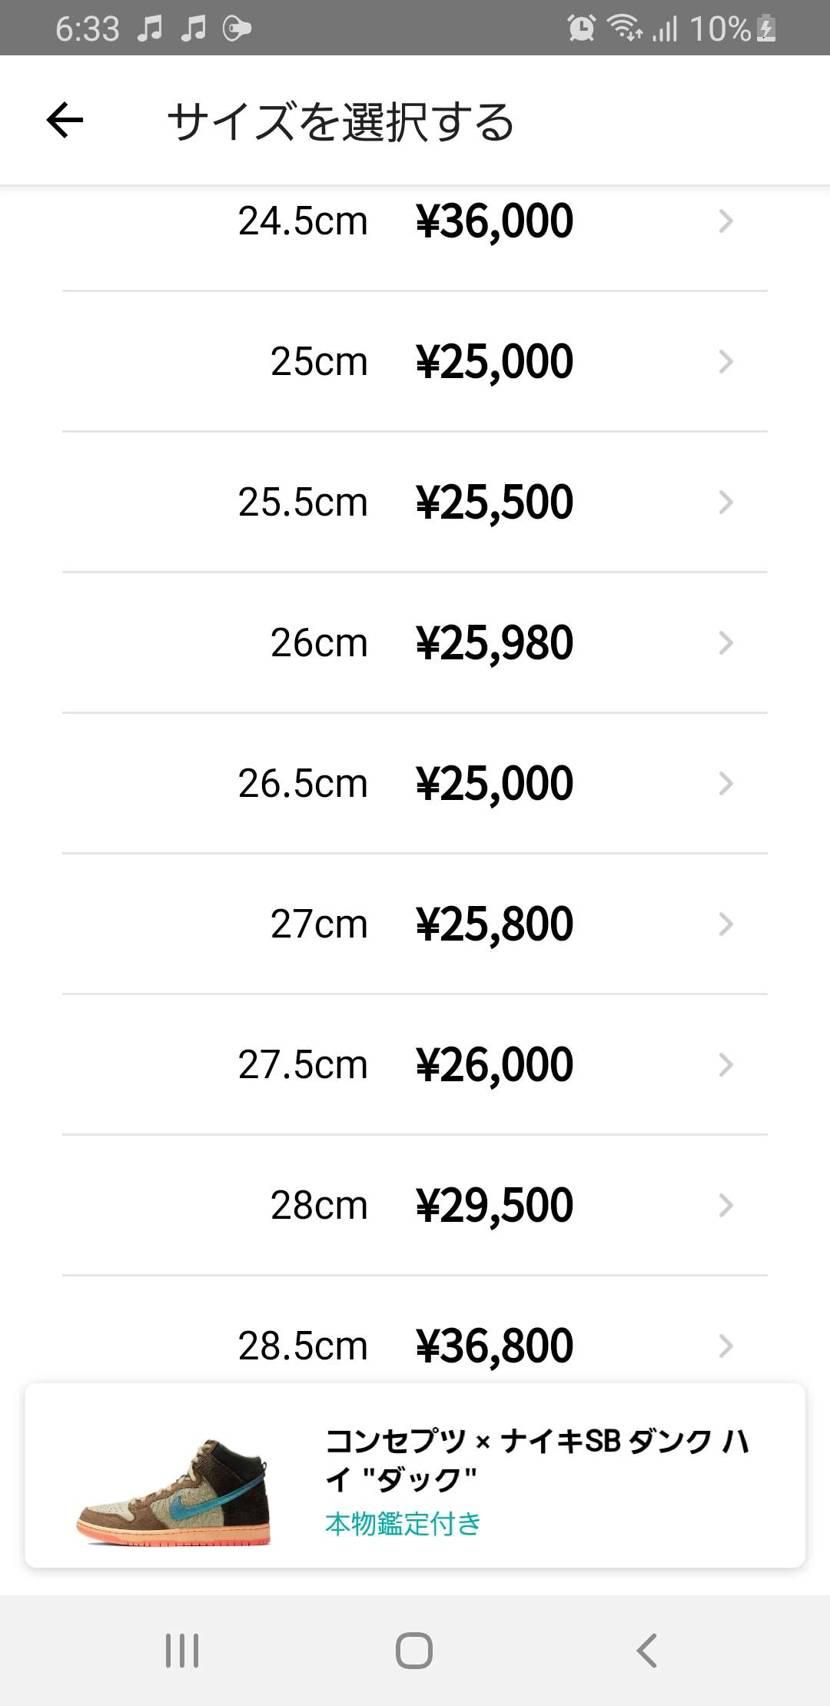 かなり値上がりしてきたな~~😭 フリマも全然売ってないし 足数やはり少ないか😭